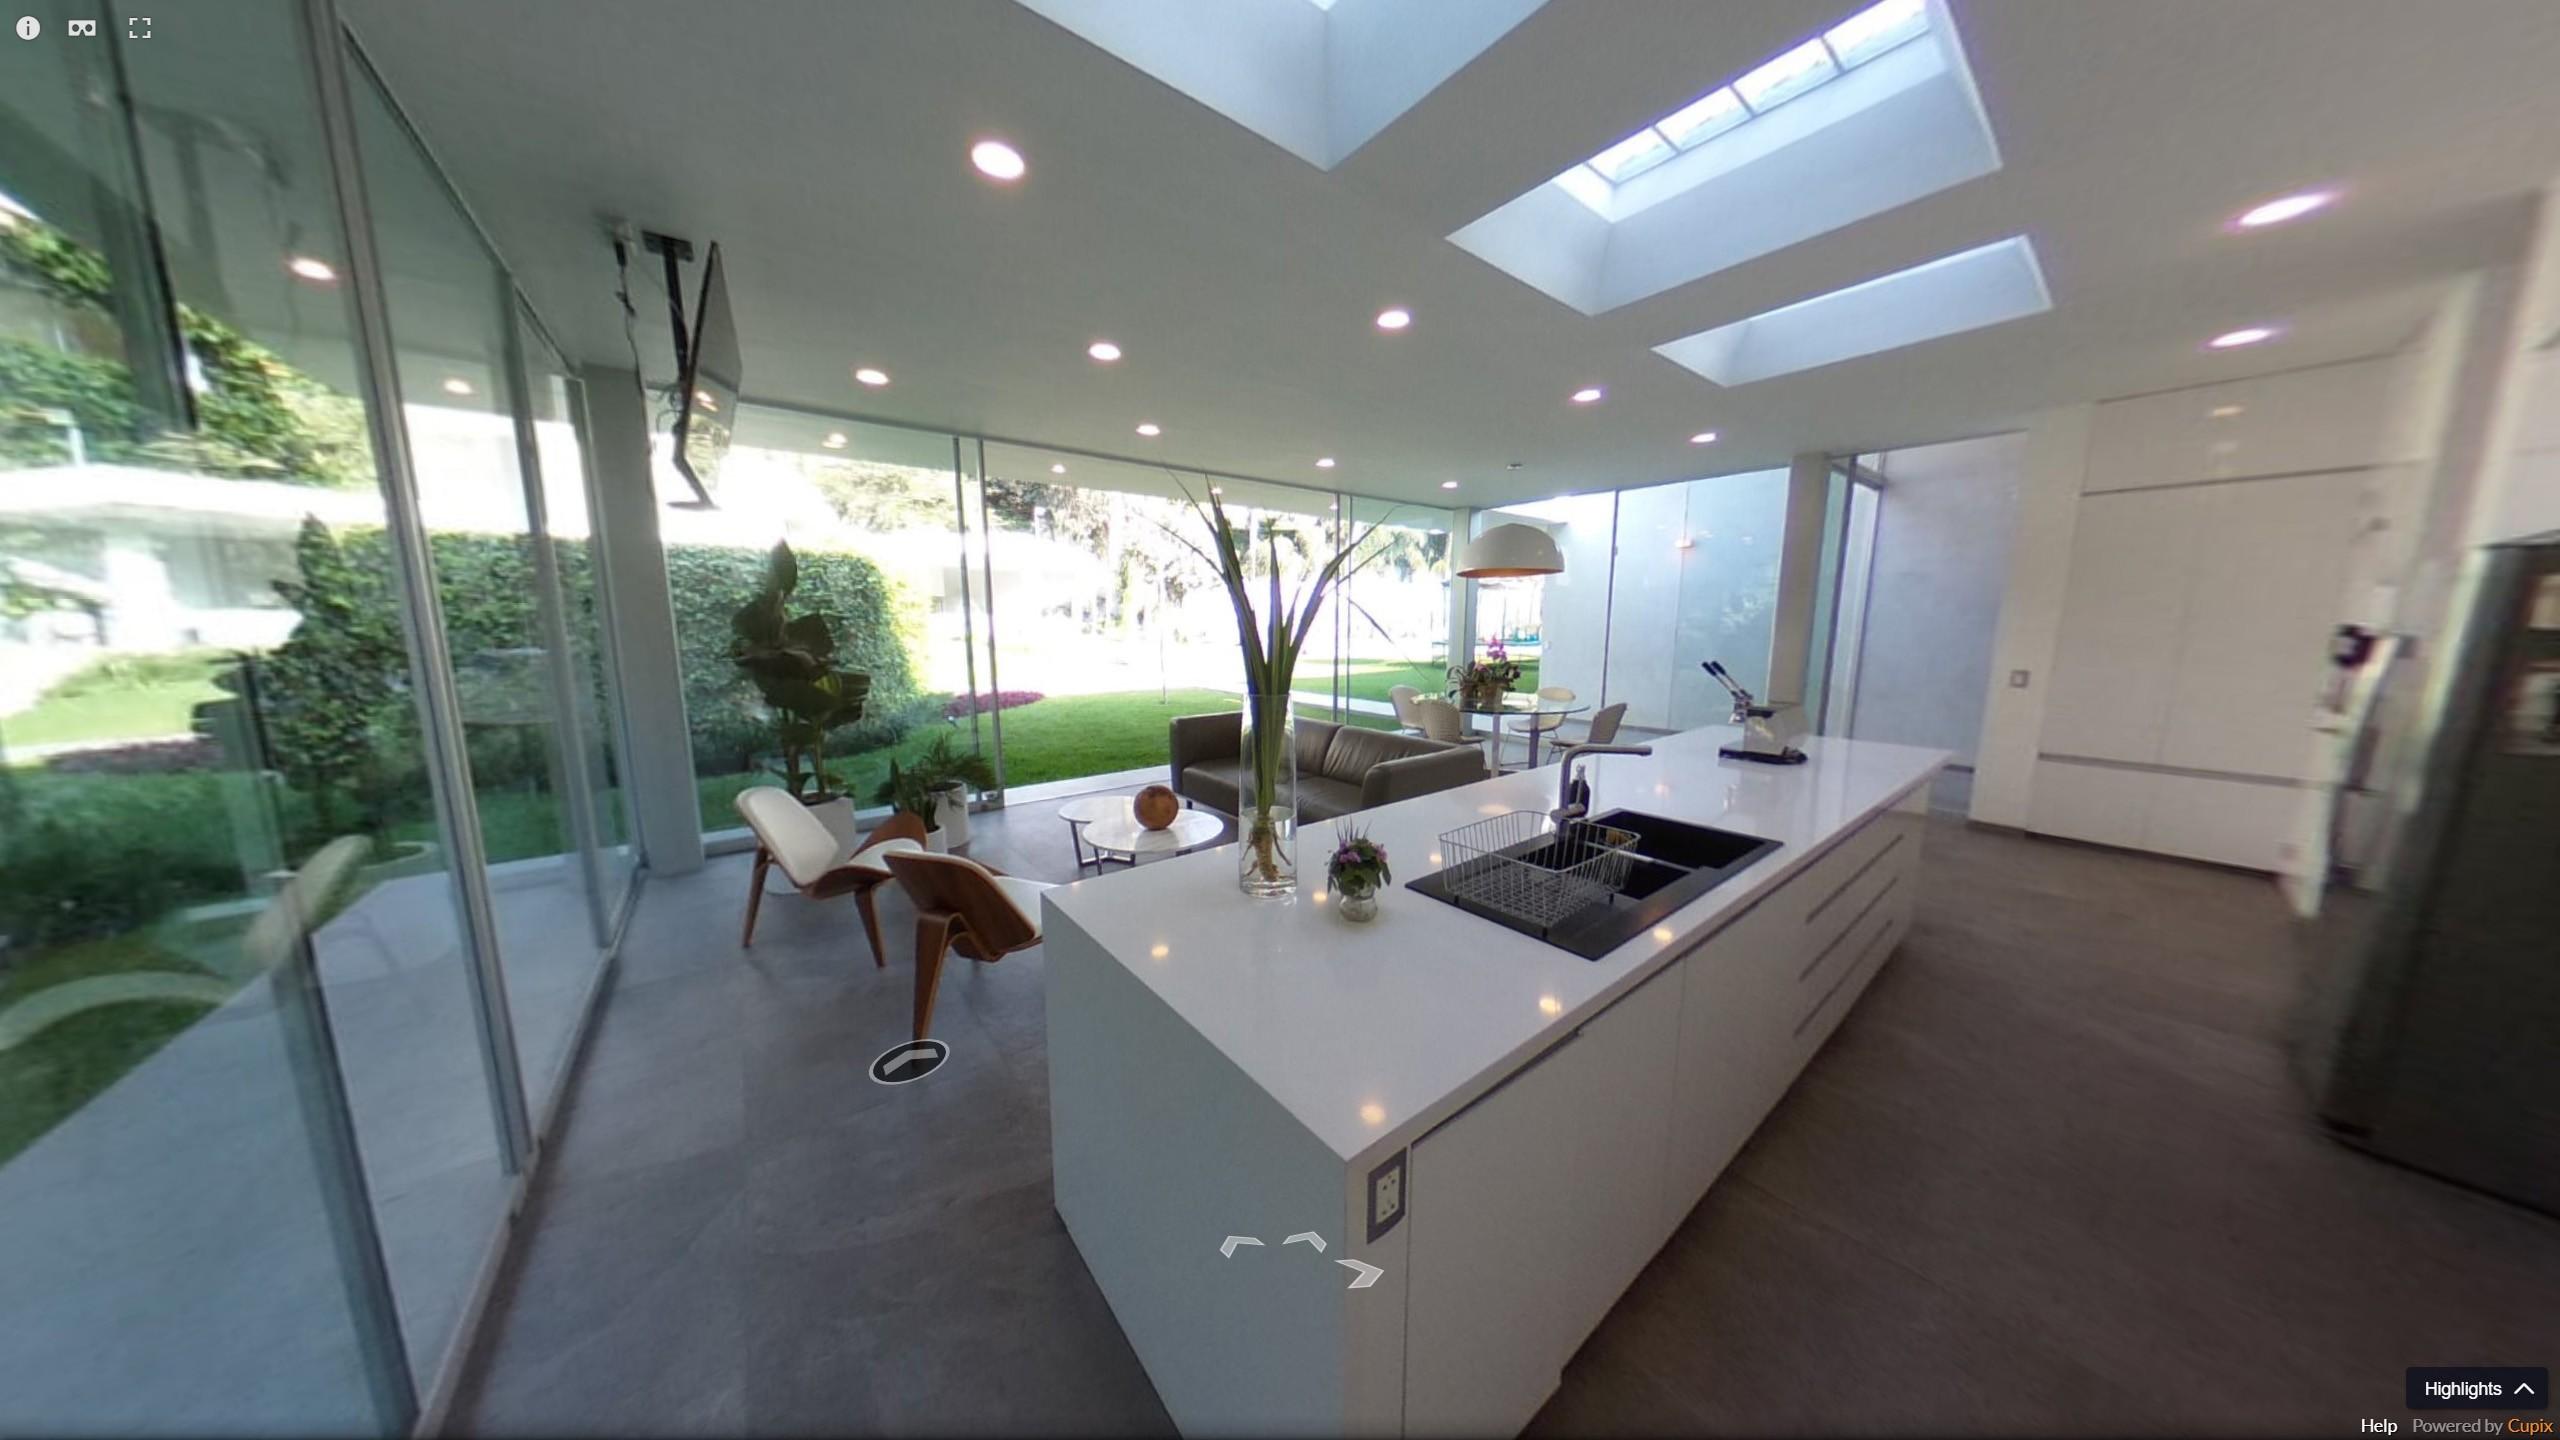 visite virtuelle 360° maison lima perou